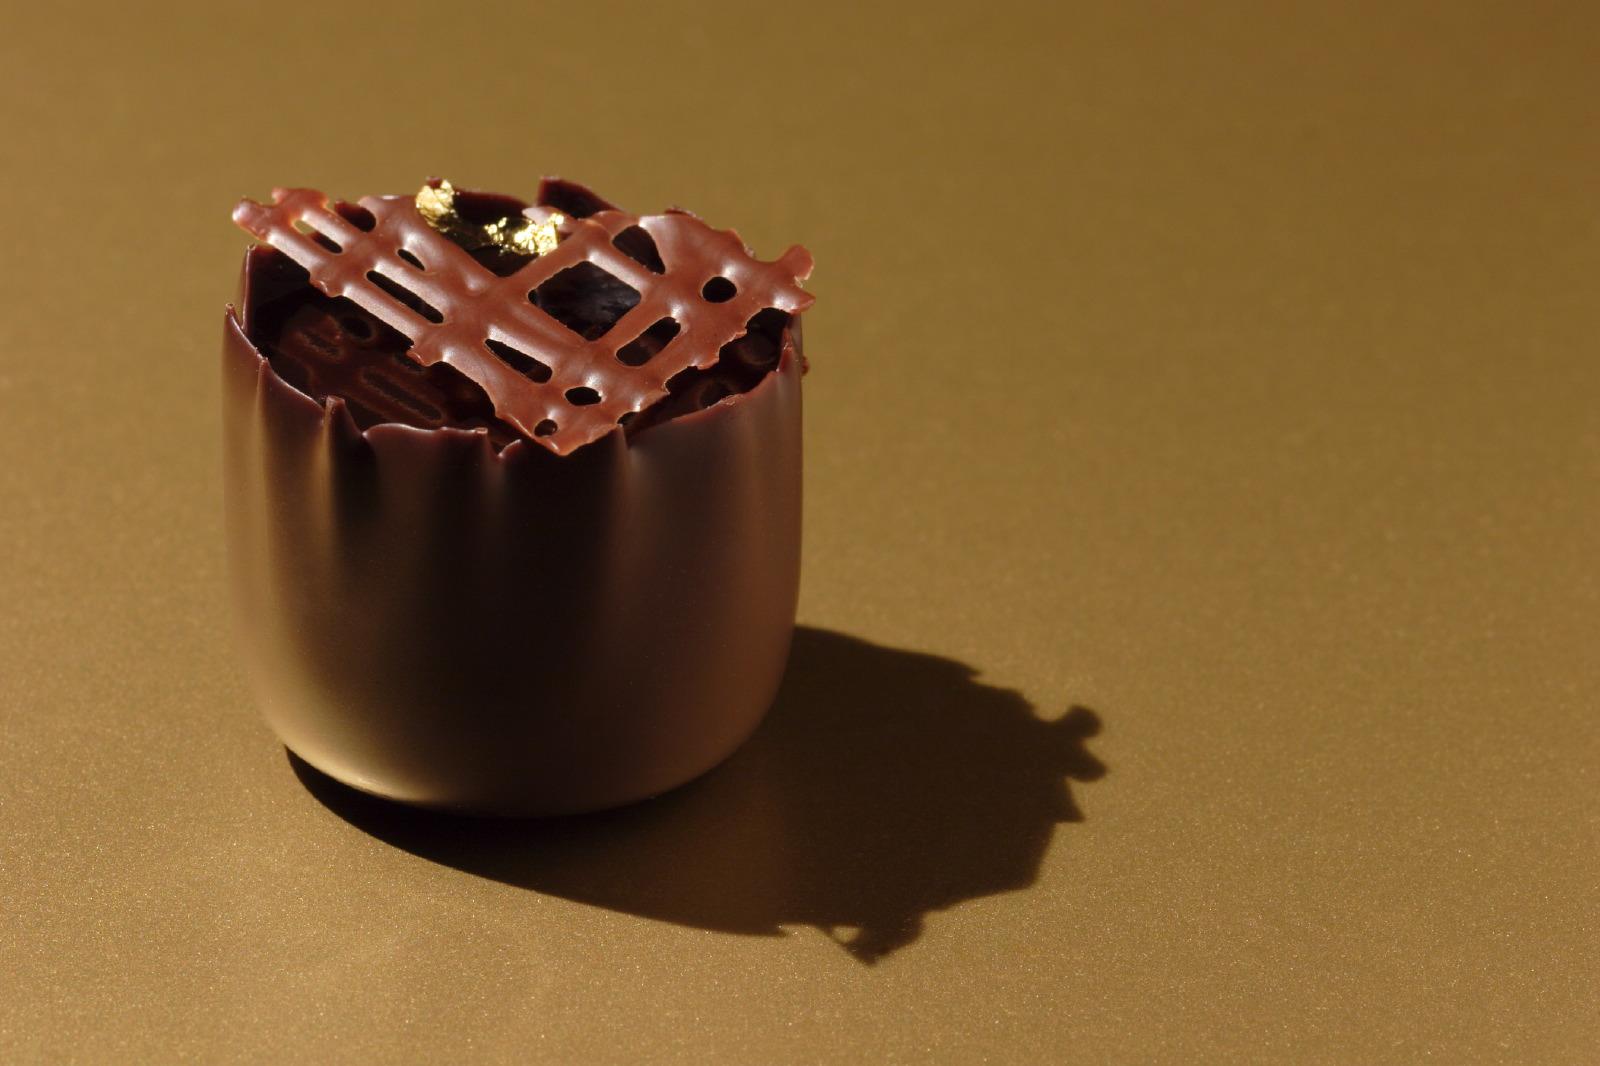 Chocolate Pascal Guerreau & Philippe Conticini